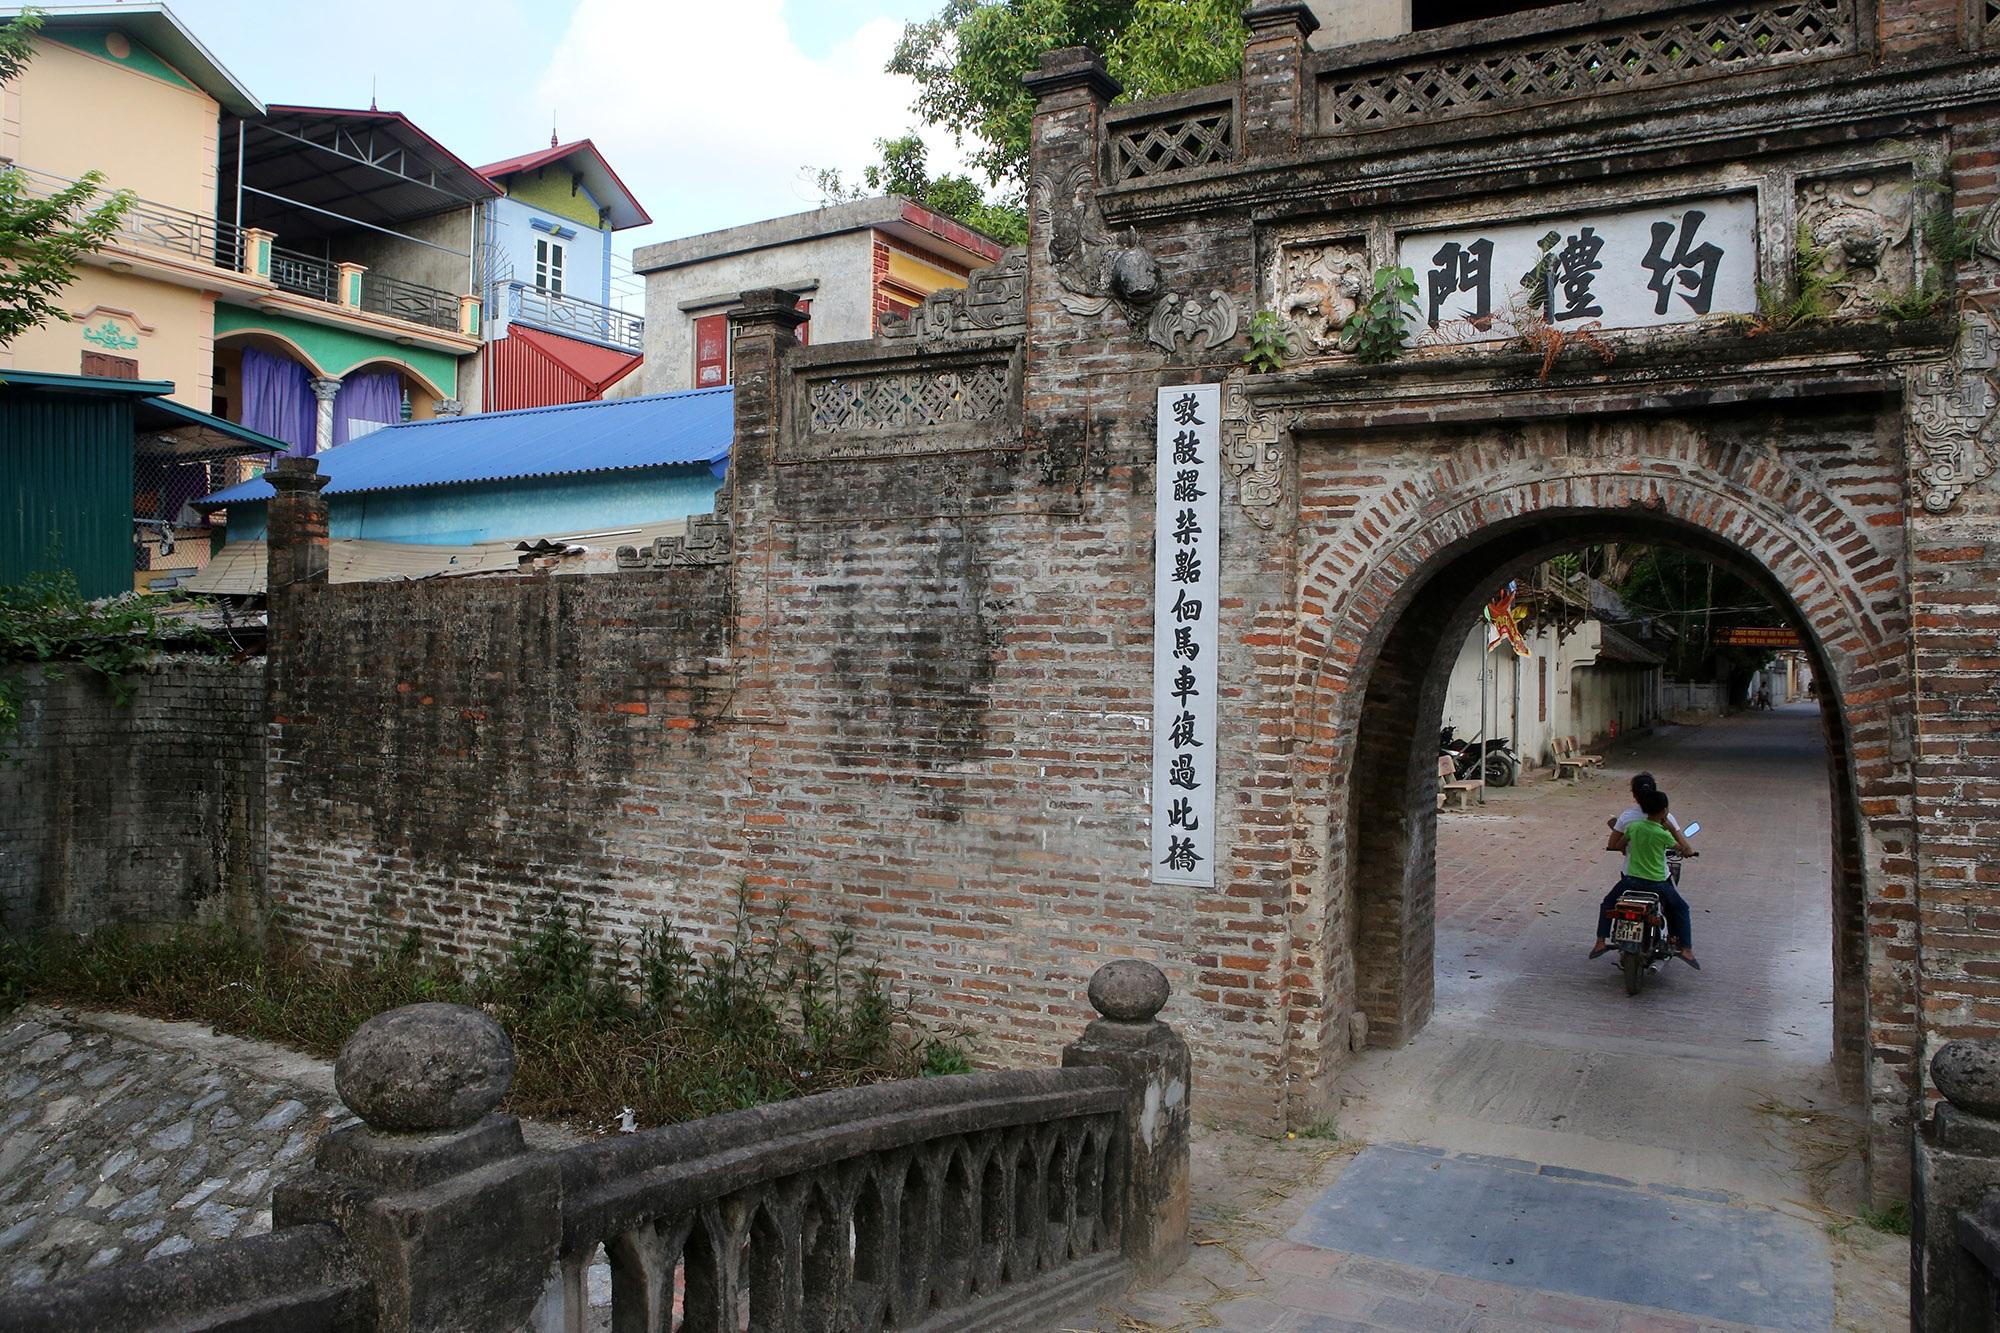 Khám phá vẻ đẹp của cổng làng đồ sộ trải qua 5 thế kỷ tại ngoại ô Hà Nội - 8